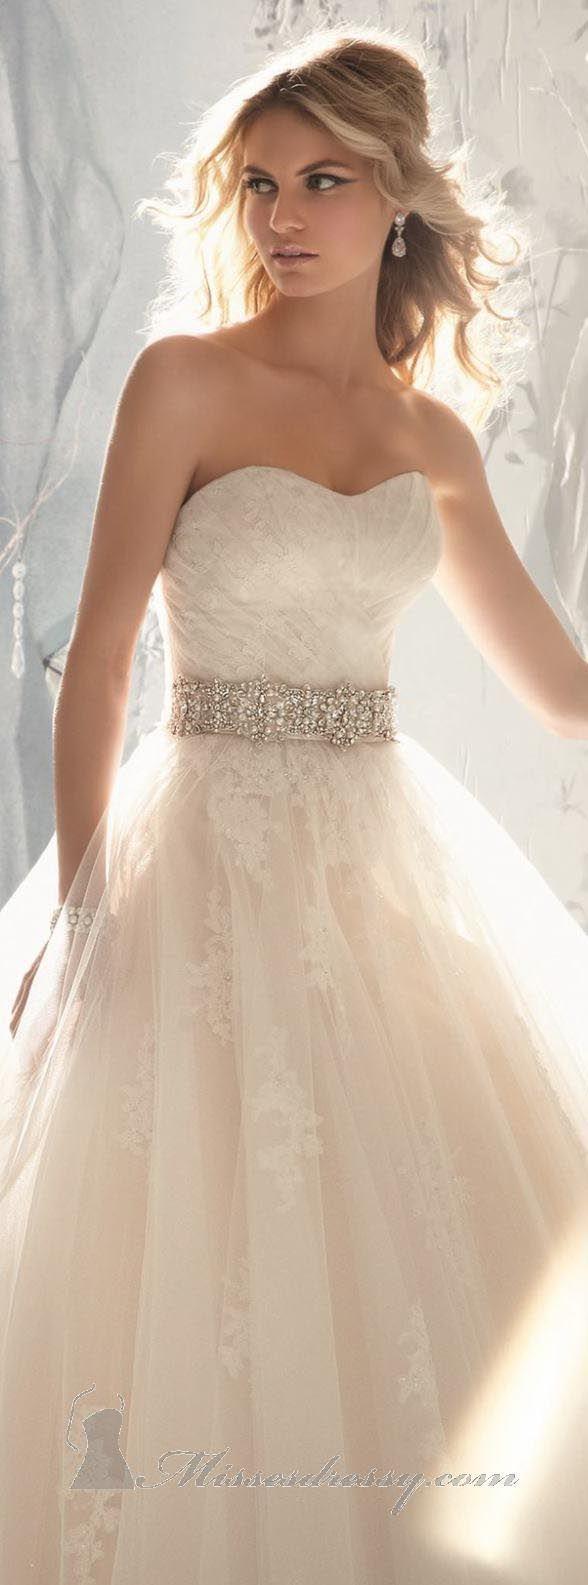 Like a prinsesse :)